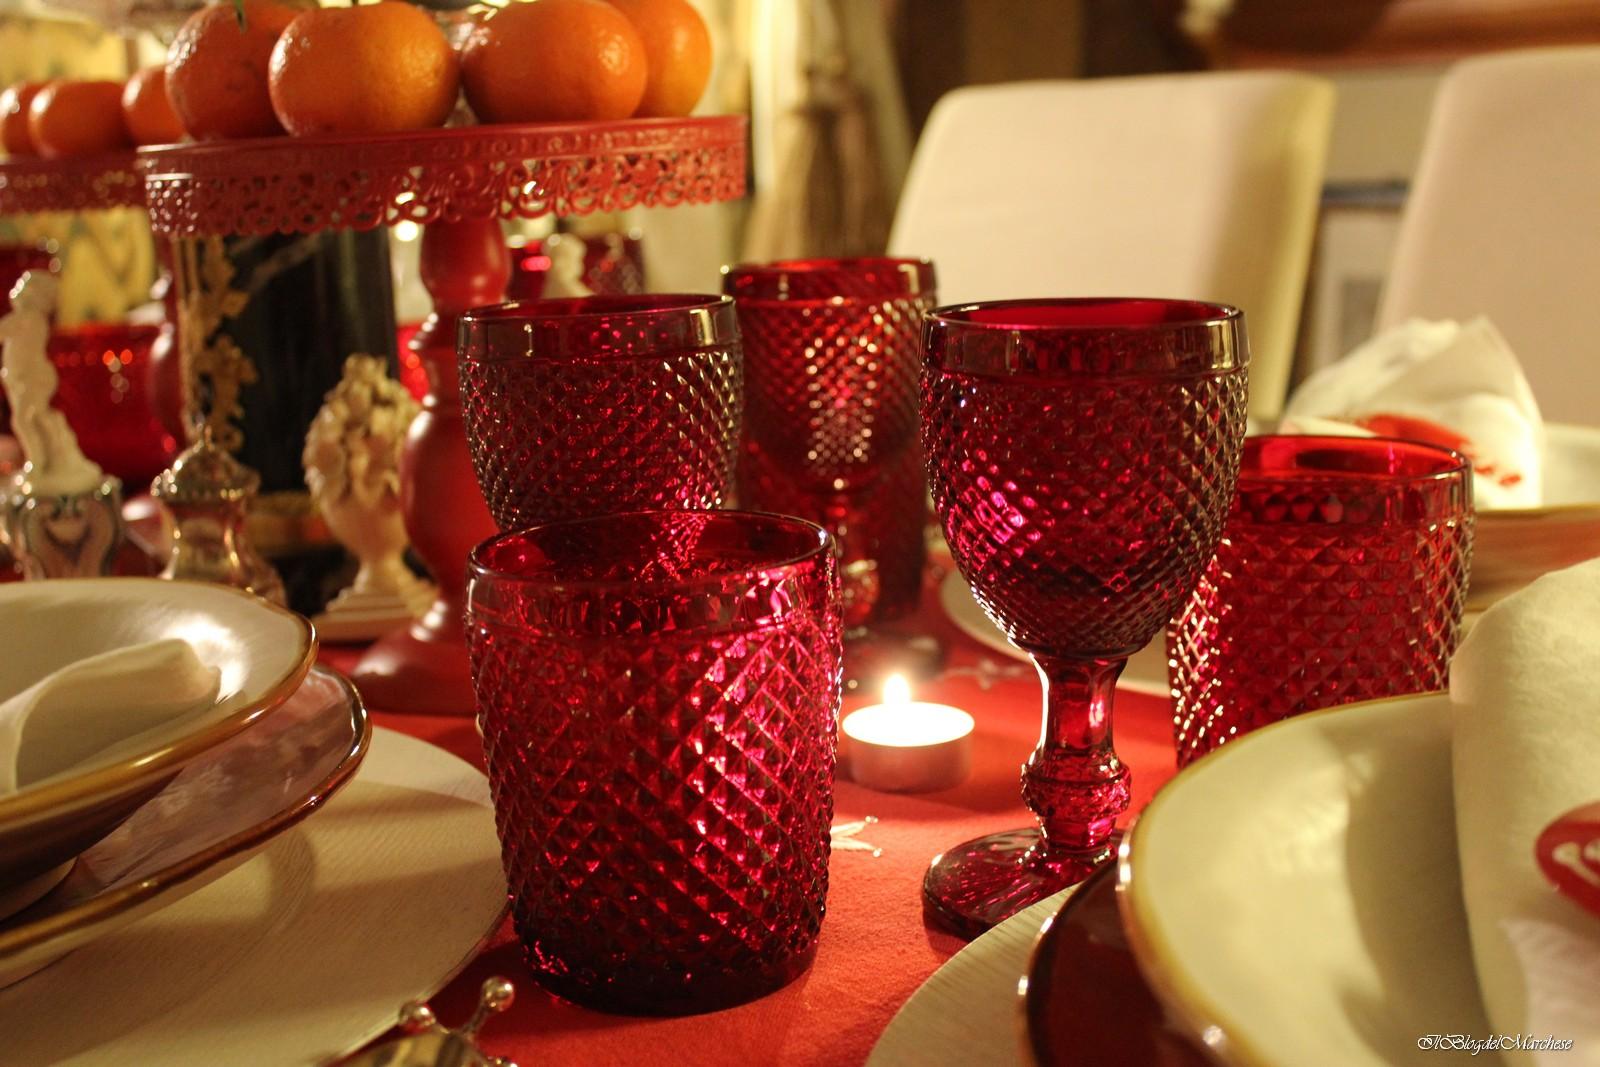 Idee per addobbare la tavola di natale - Bicchieri decorati per natale ...